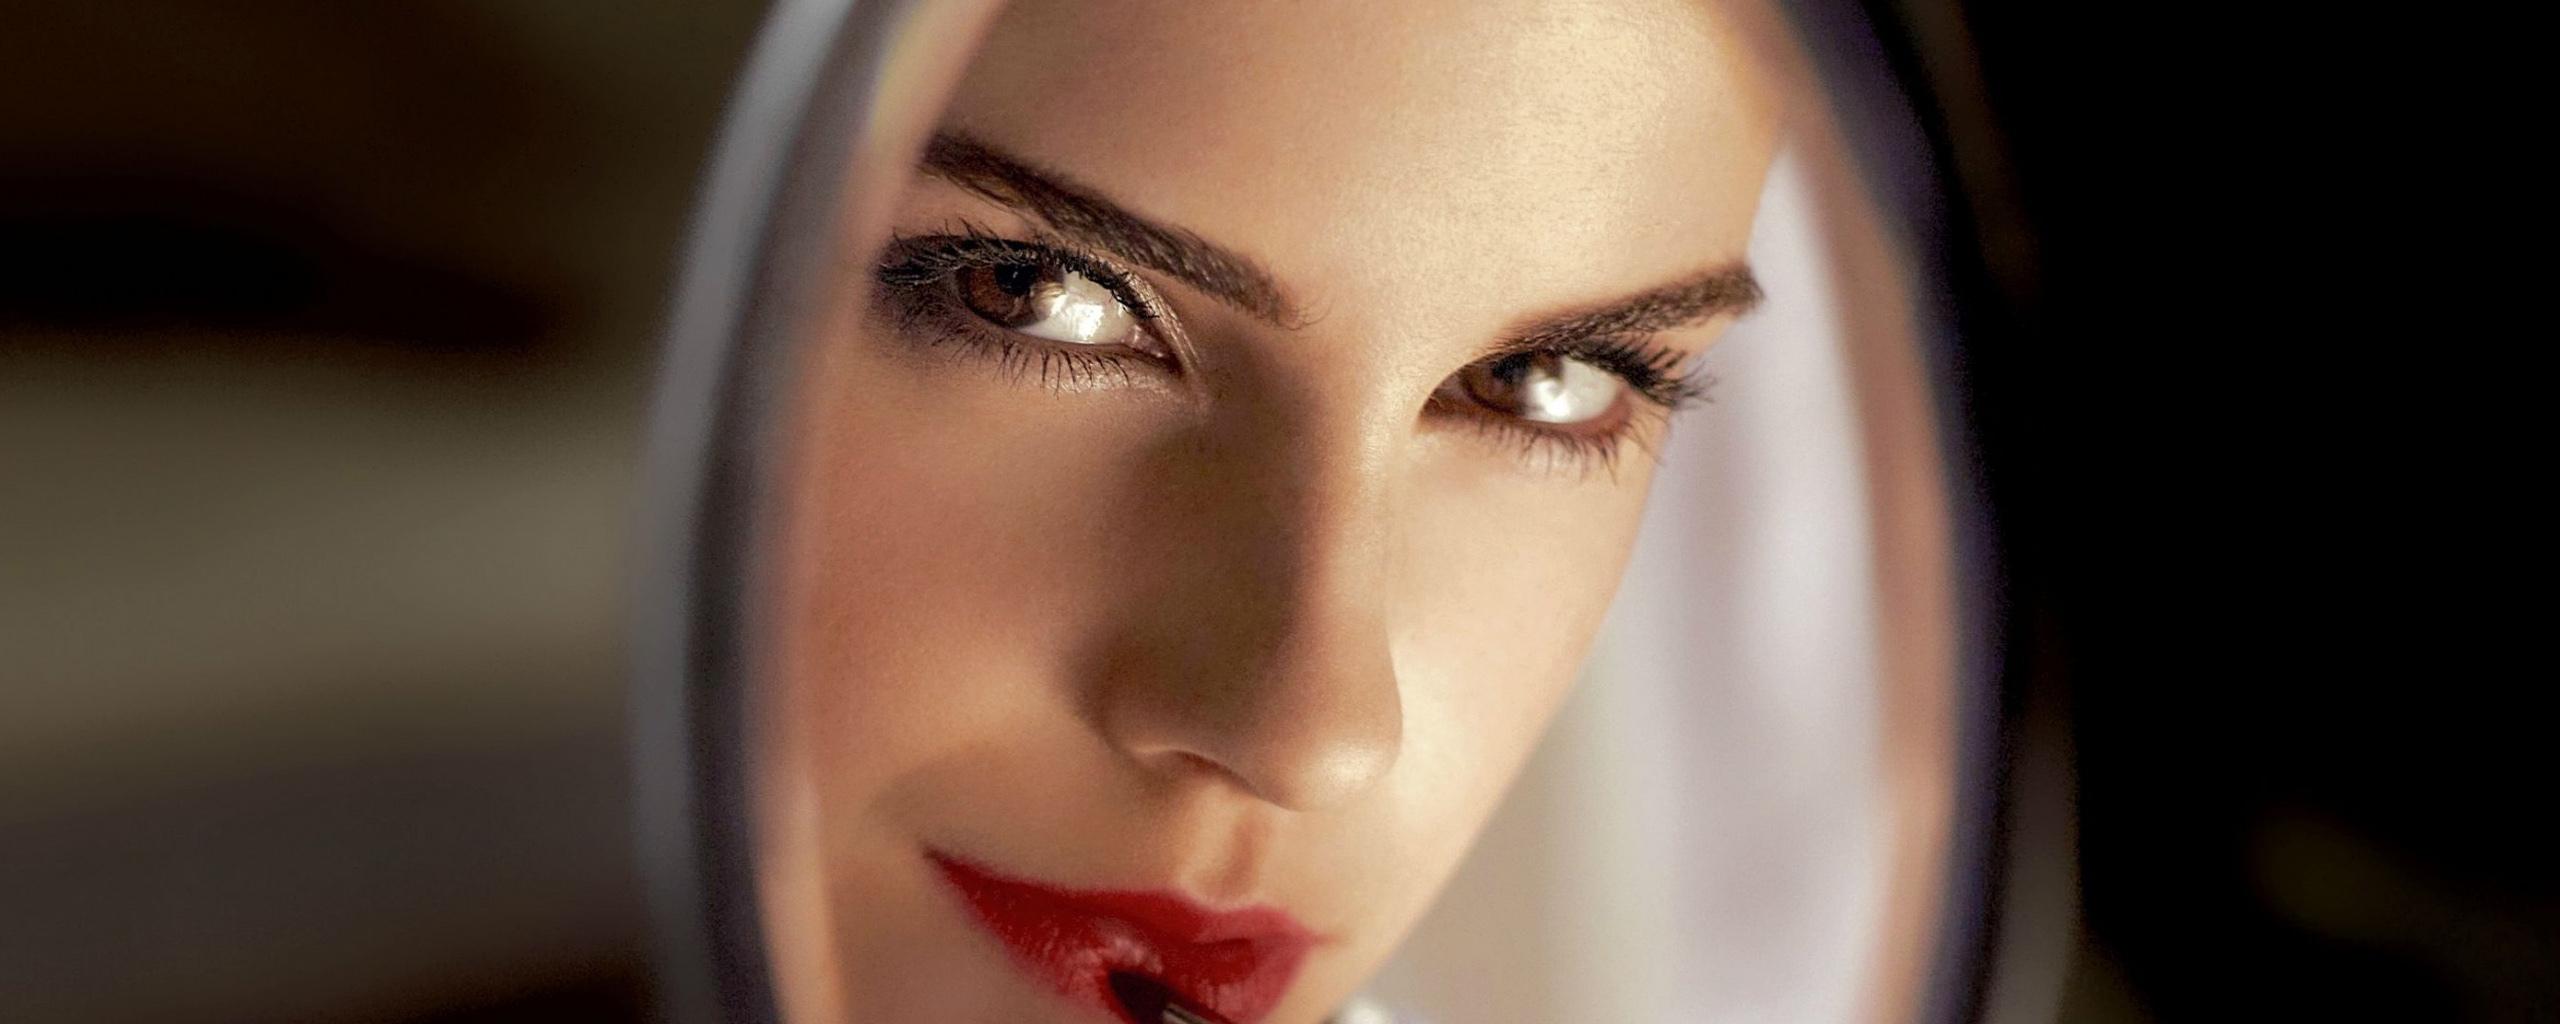 emma-watson-beautiful.jpg